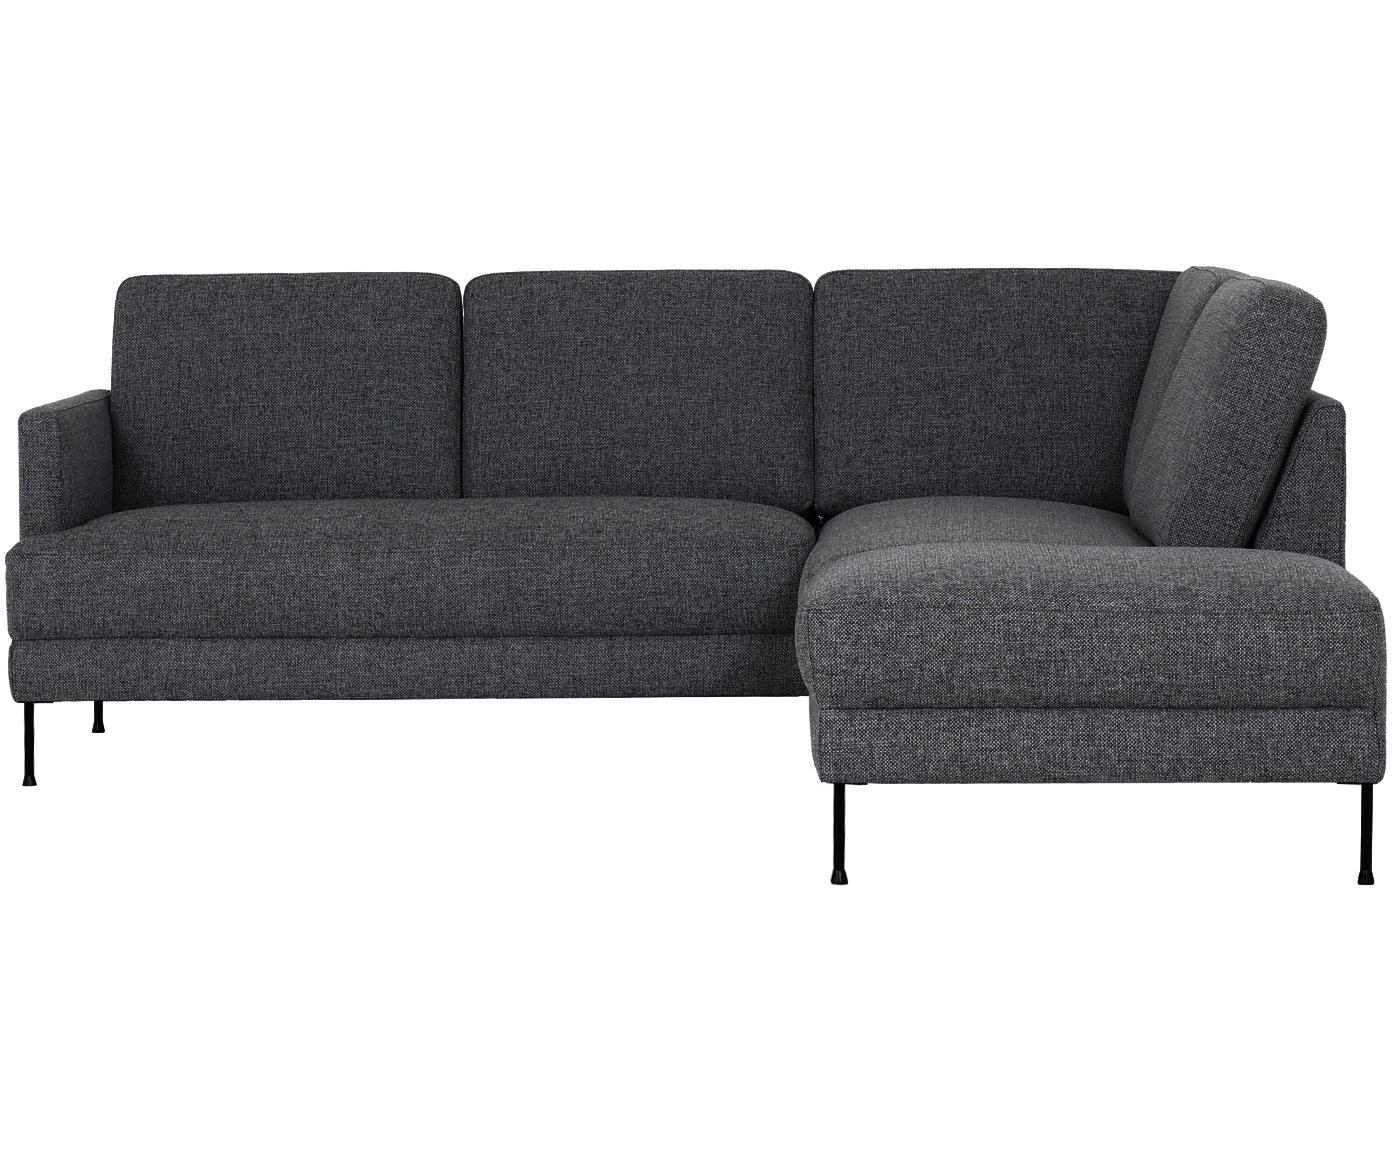 Hoekbank Fluente, Bekleding: polyester, Frame: hout, Poten: gelakt metaal, Donkergrijs, B 221 x D 200 cm